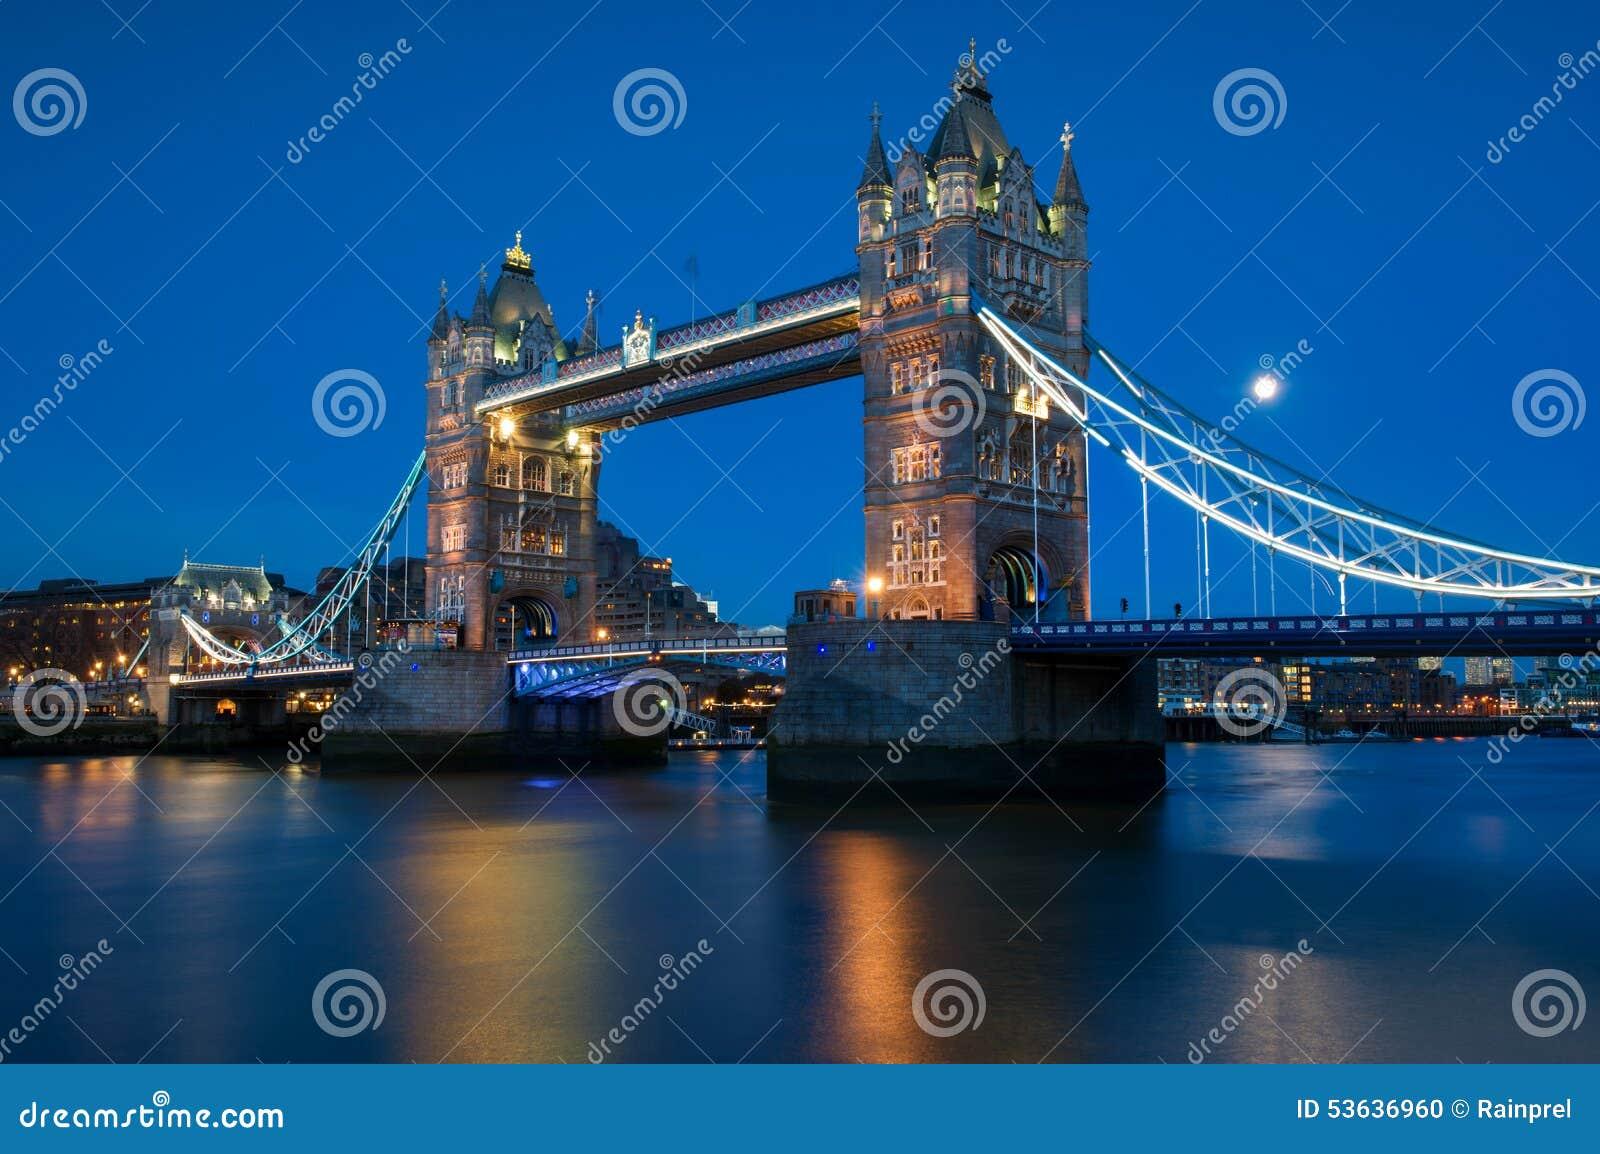 Puente de la torre en el río Támesis en Londres, Inglaterra